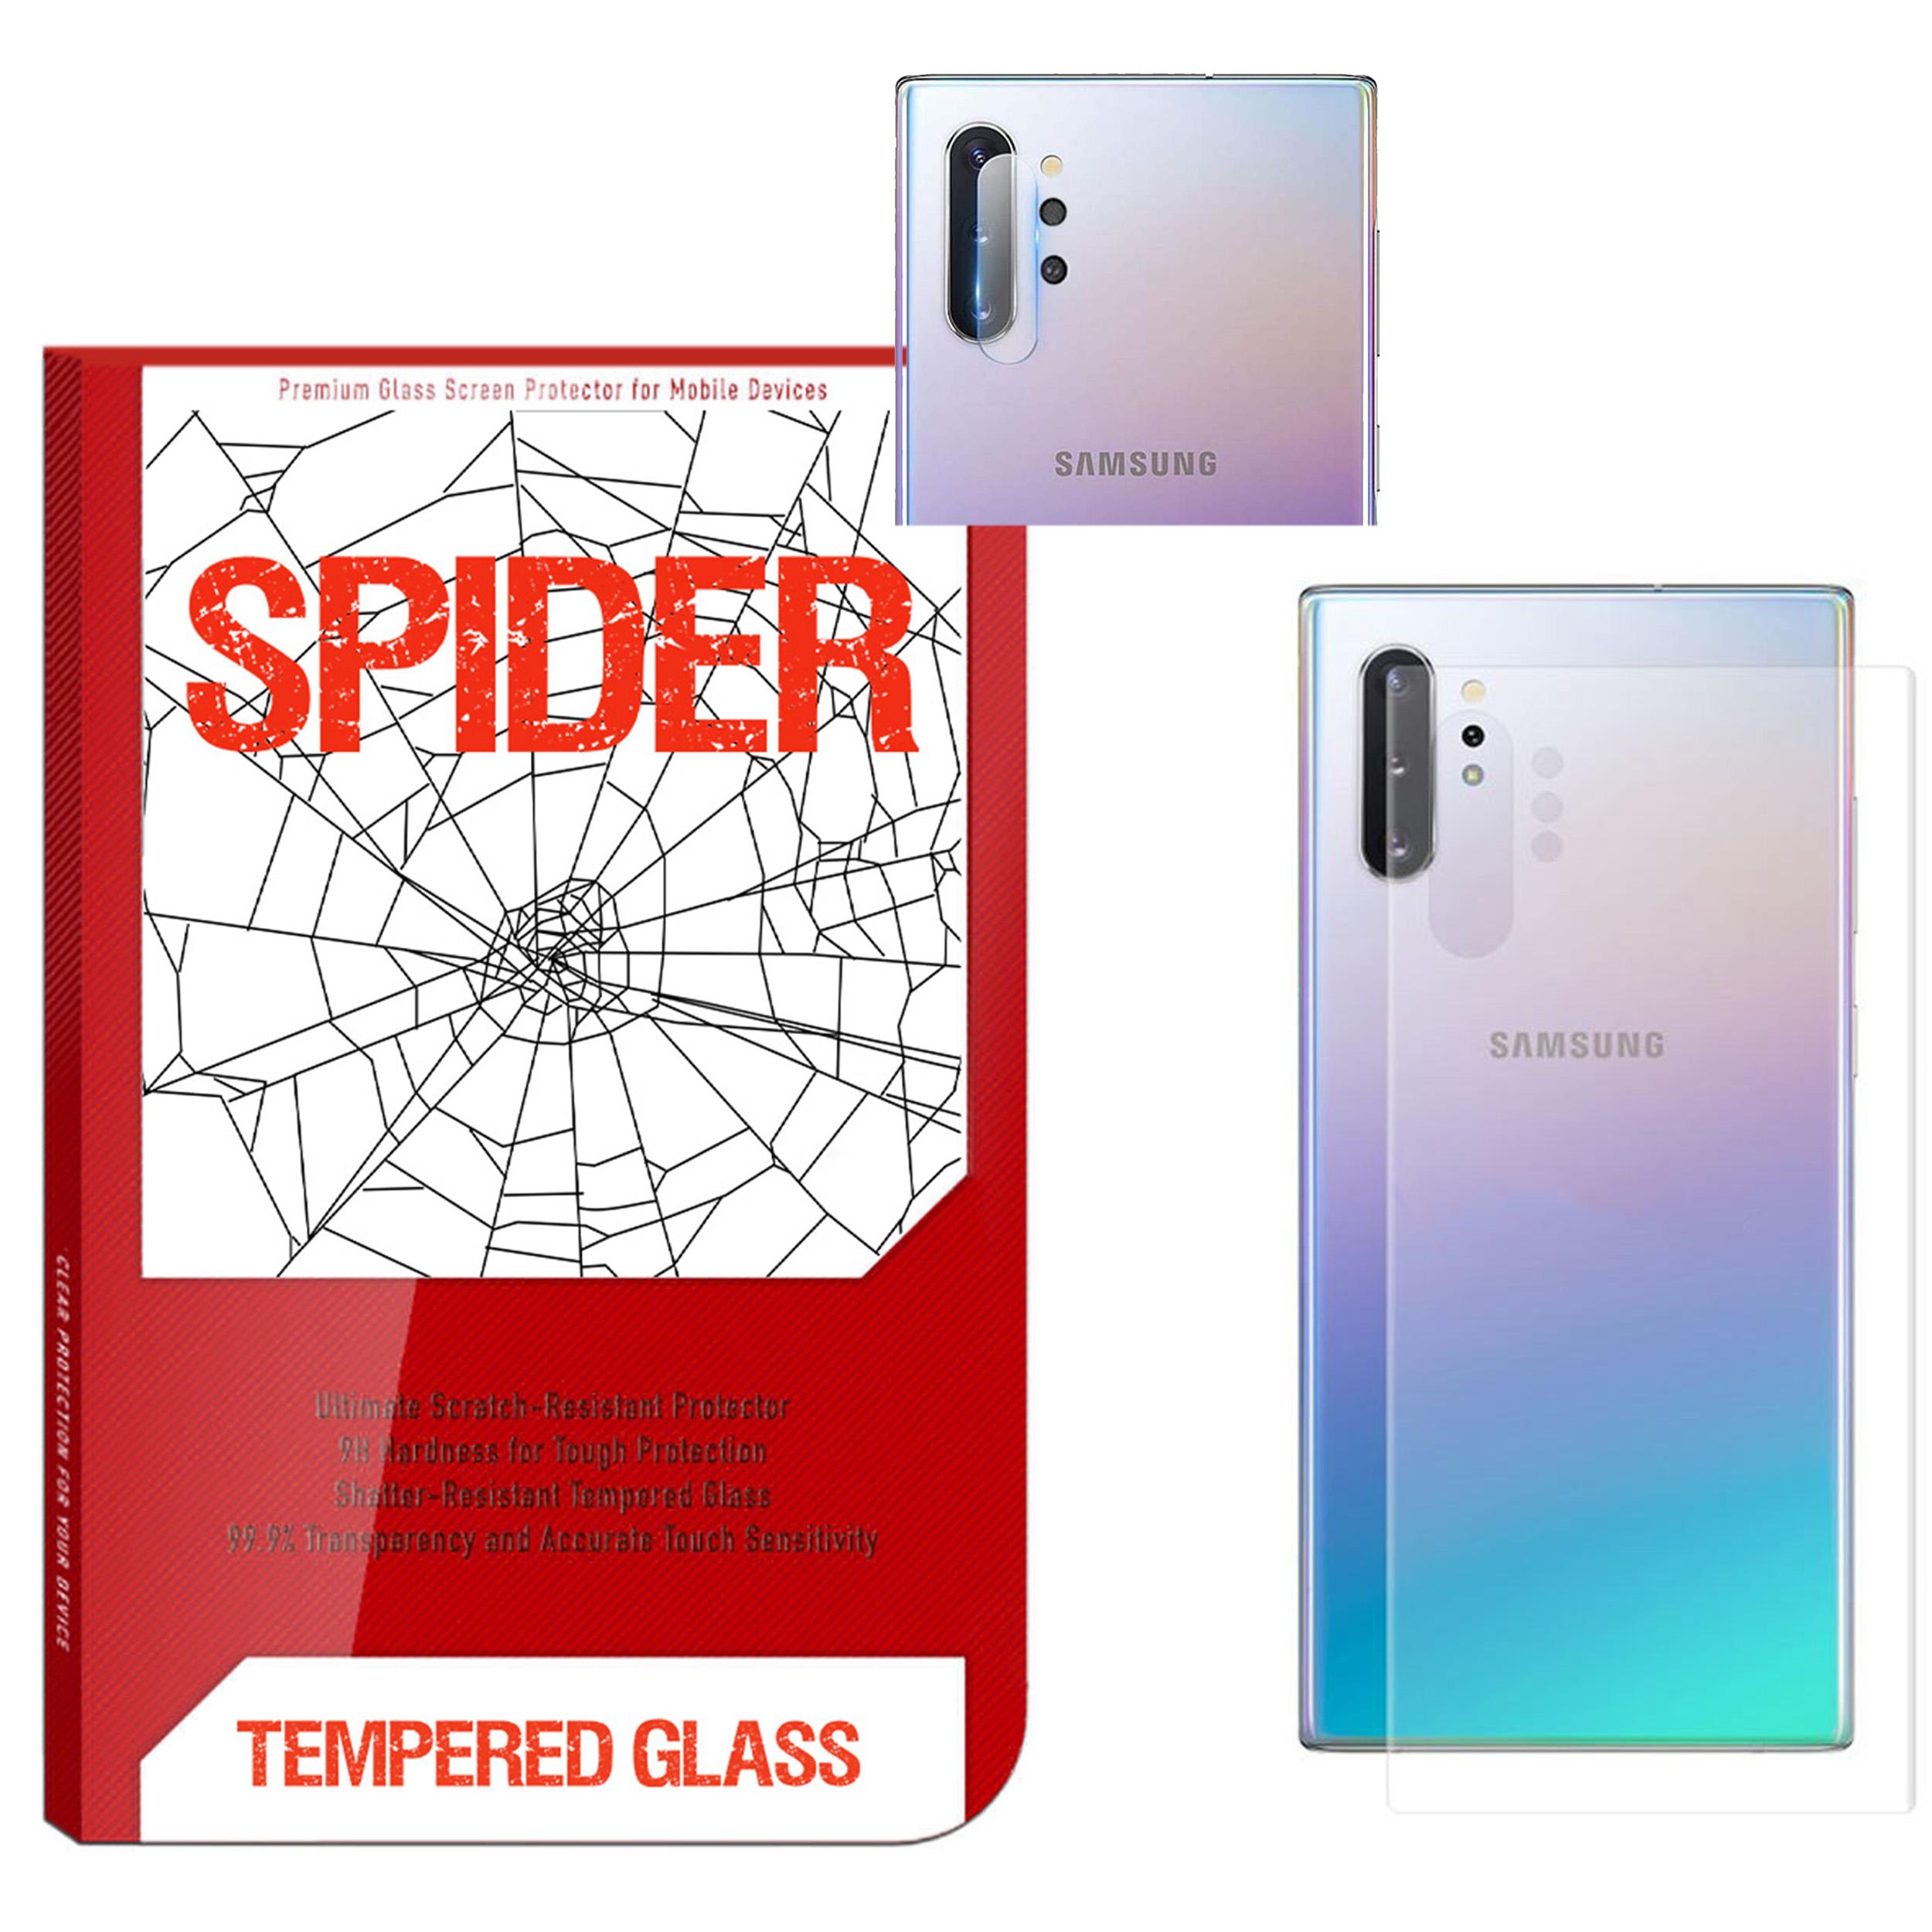 محافظ پشت گوشی اسپایدر مدل TPS-017 مناسب برای گوشی موبایل سامسونگ Galaxy Note 10 Plus به همراه محافظ لنز دوربین              ( قیمت و خرید)